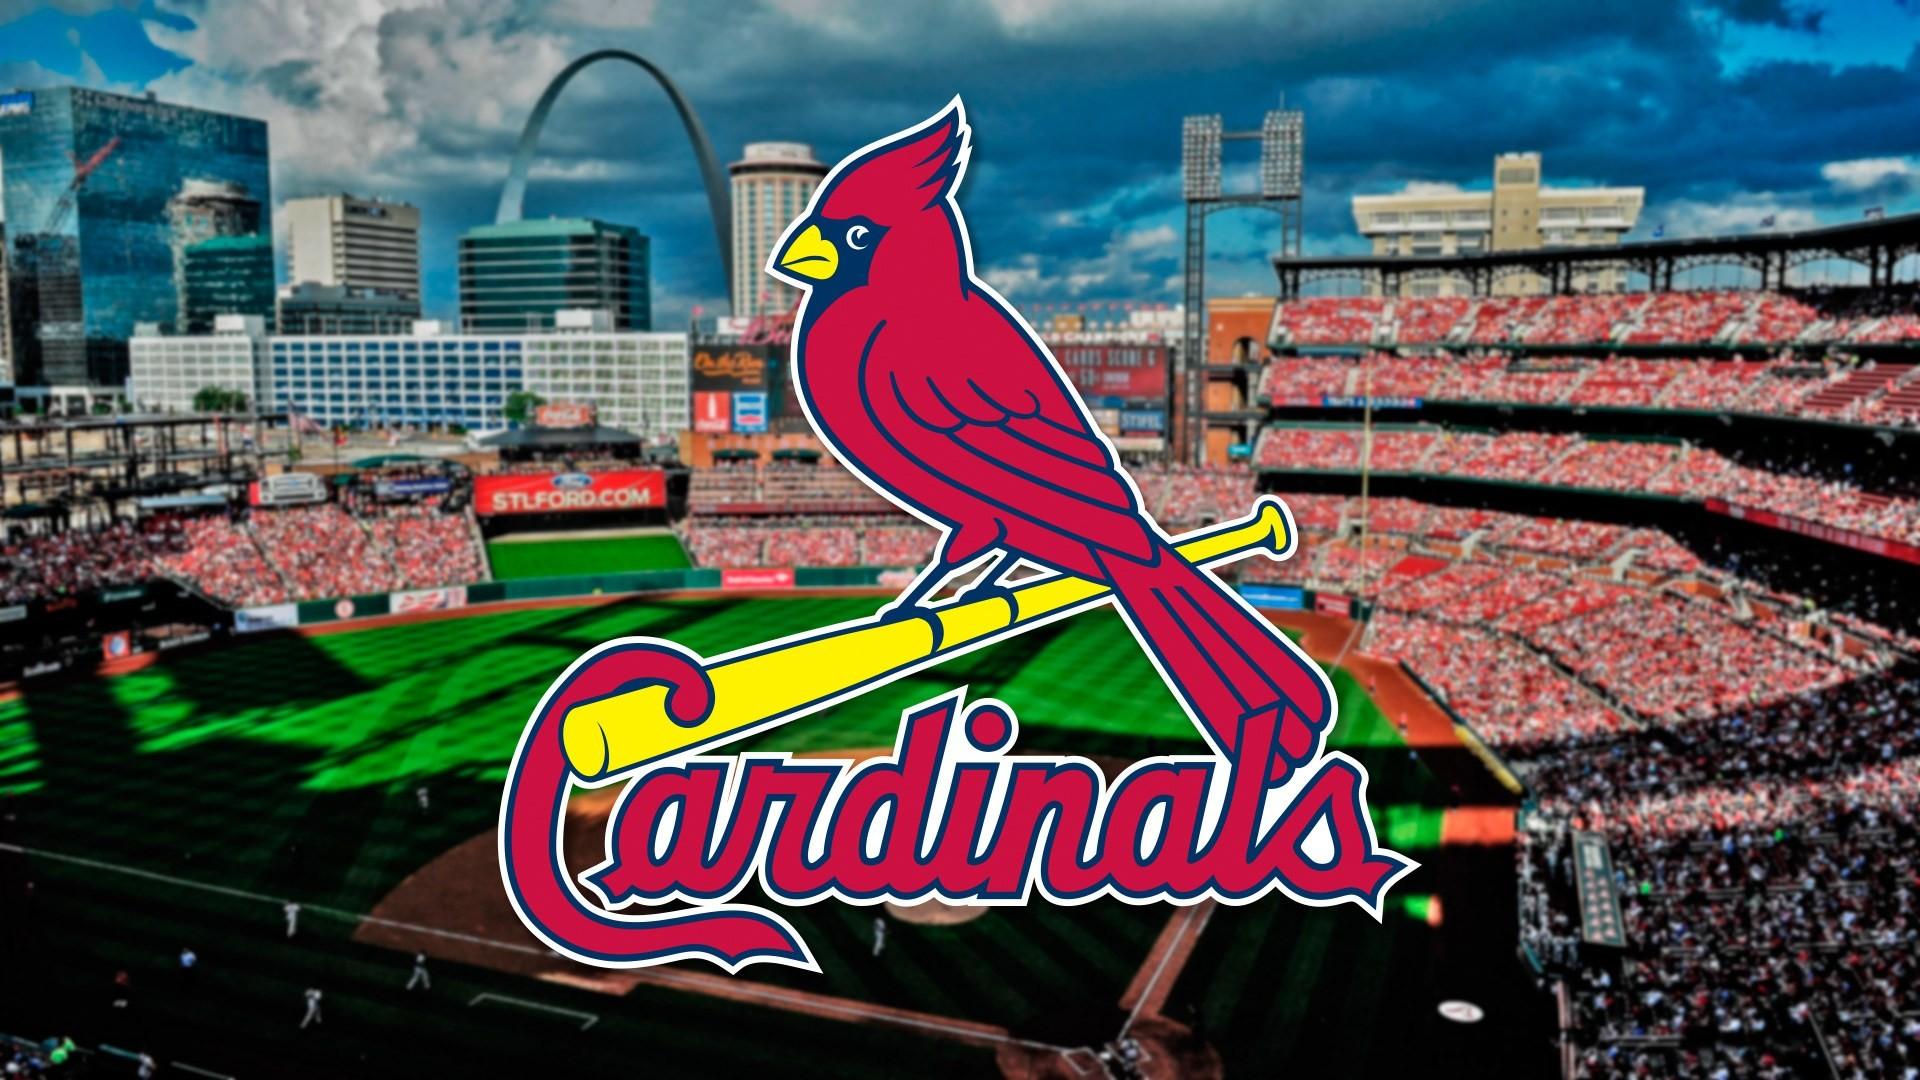 St Louis Cardinals Background Wallpaper Hd